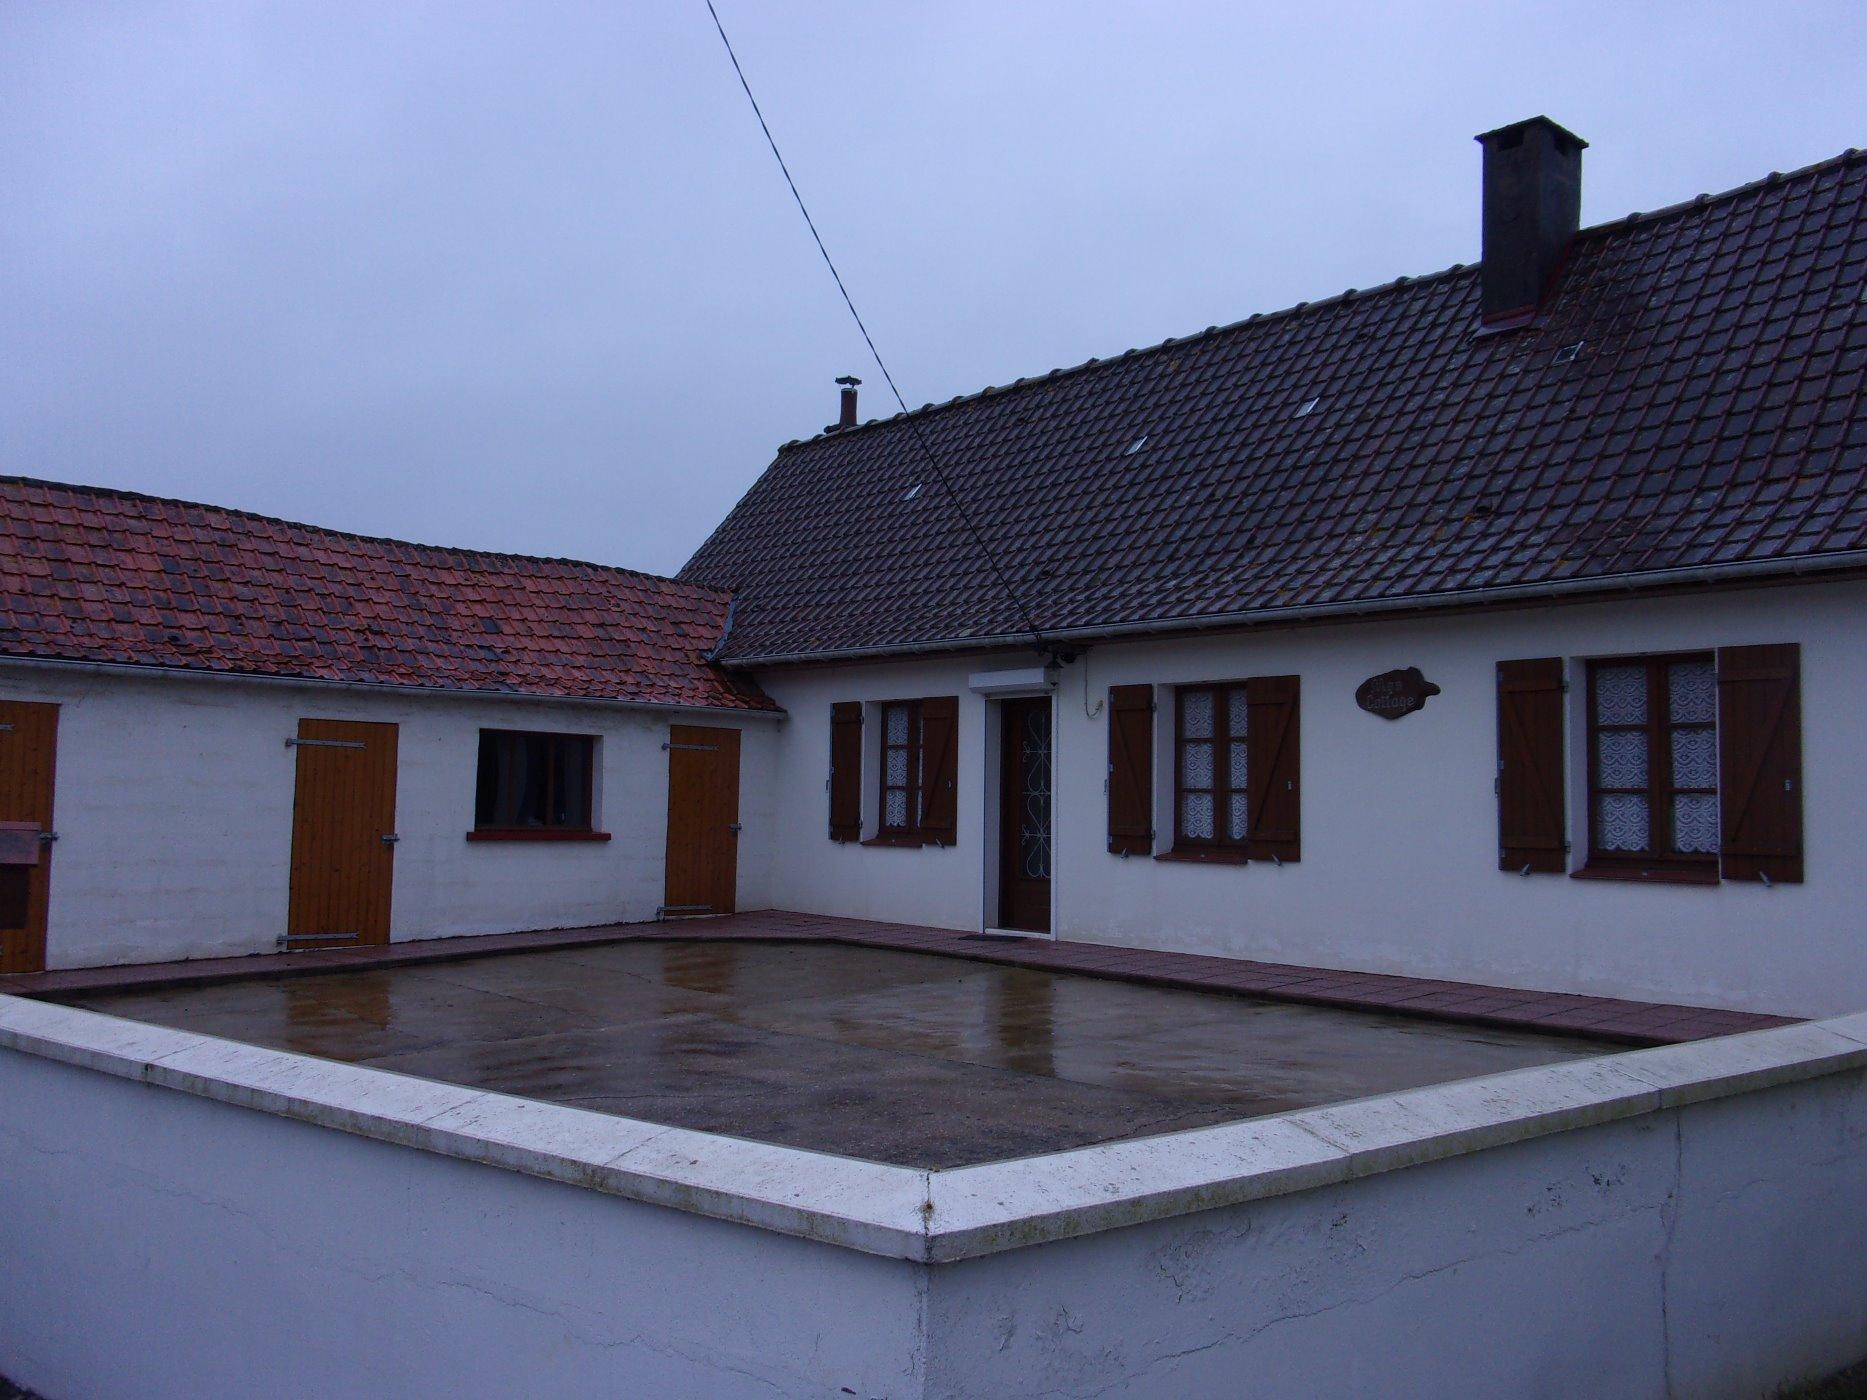 Vente maison/villa 4 pièces hucqueliers 62650